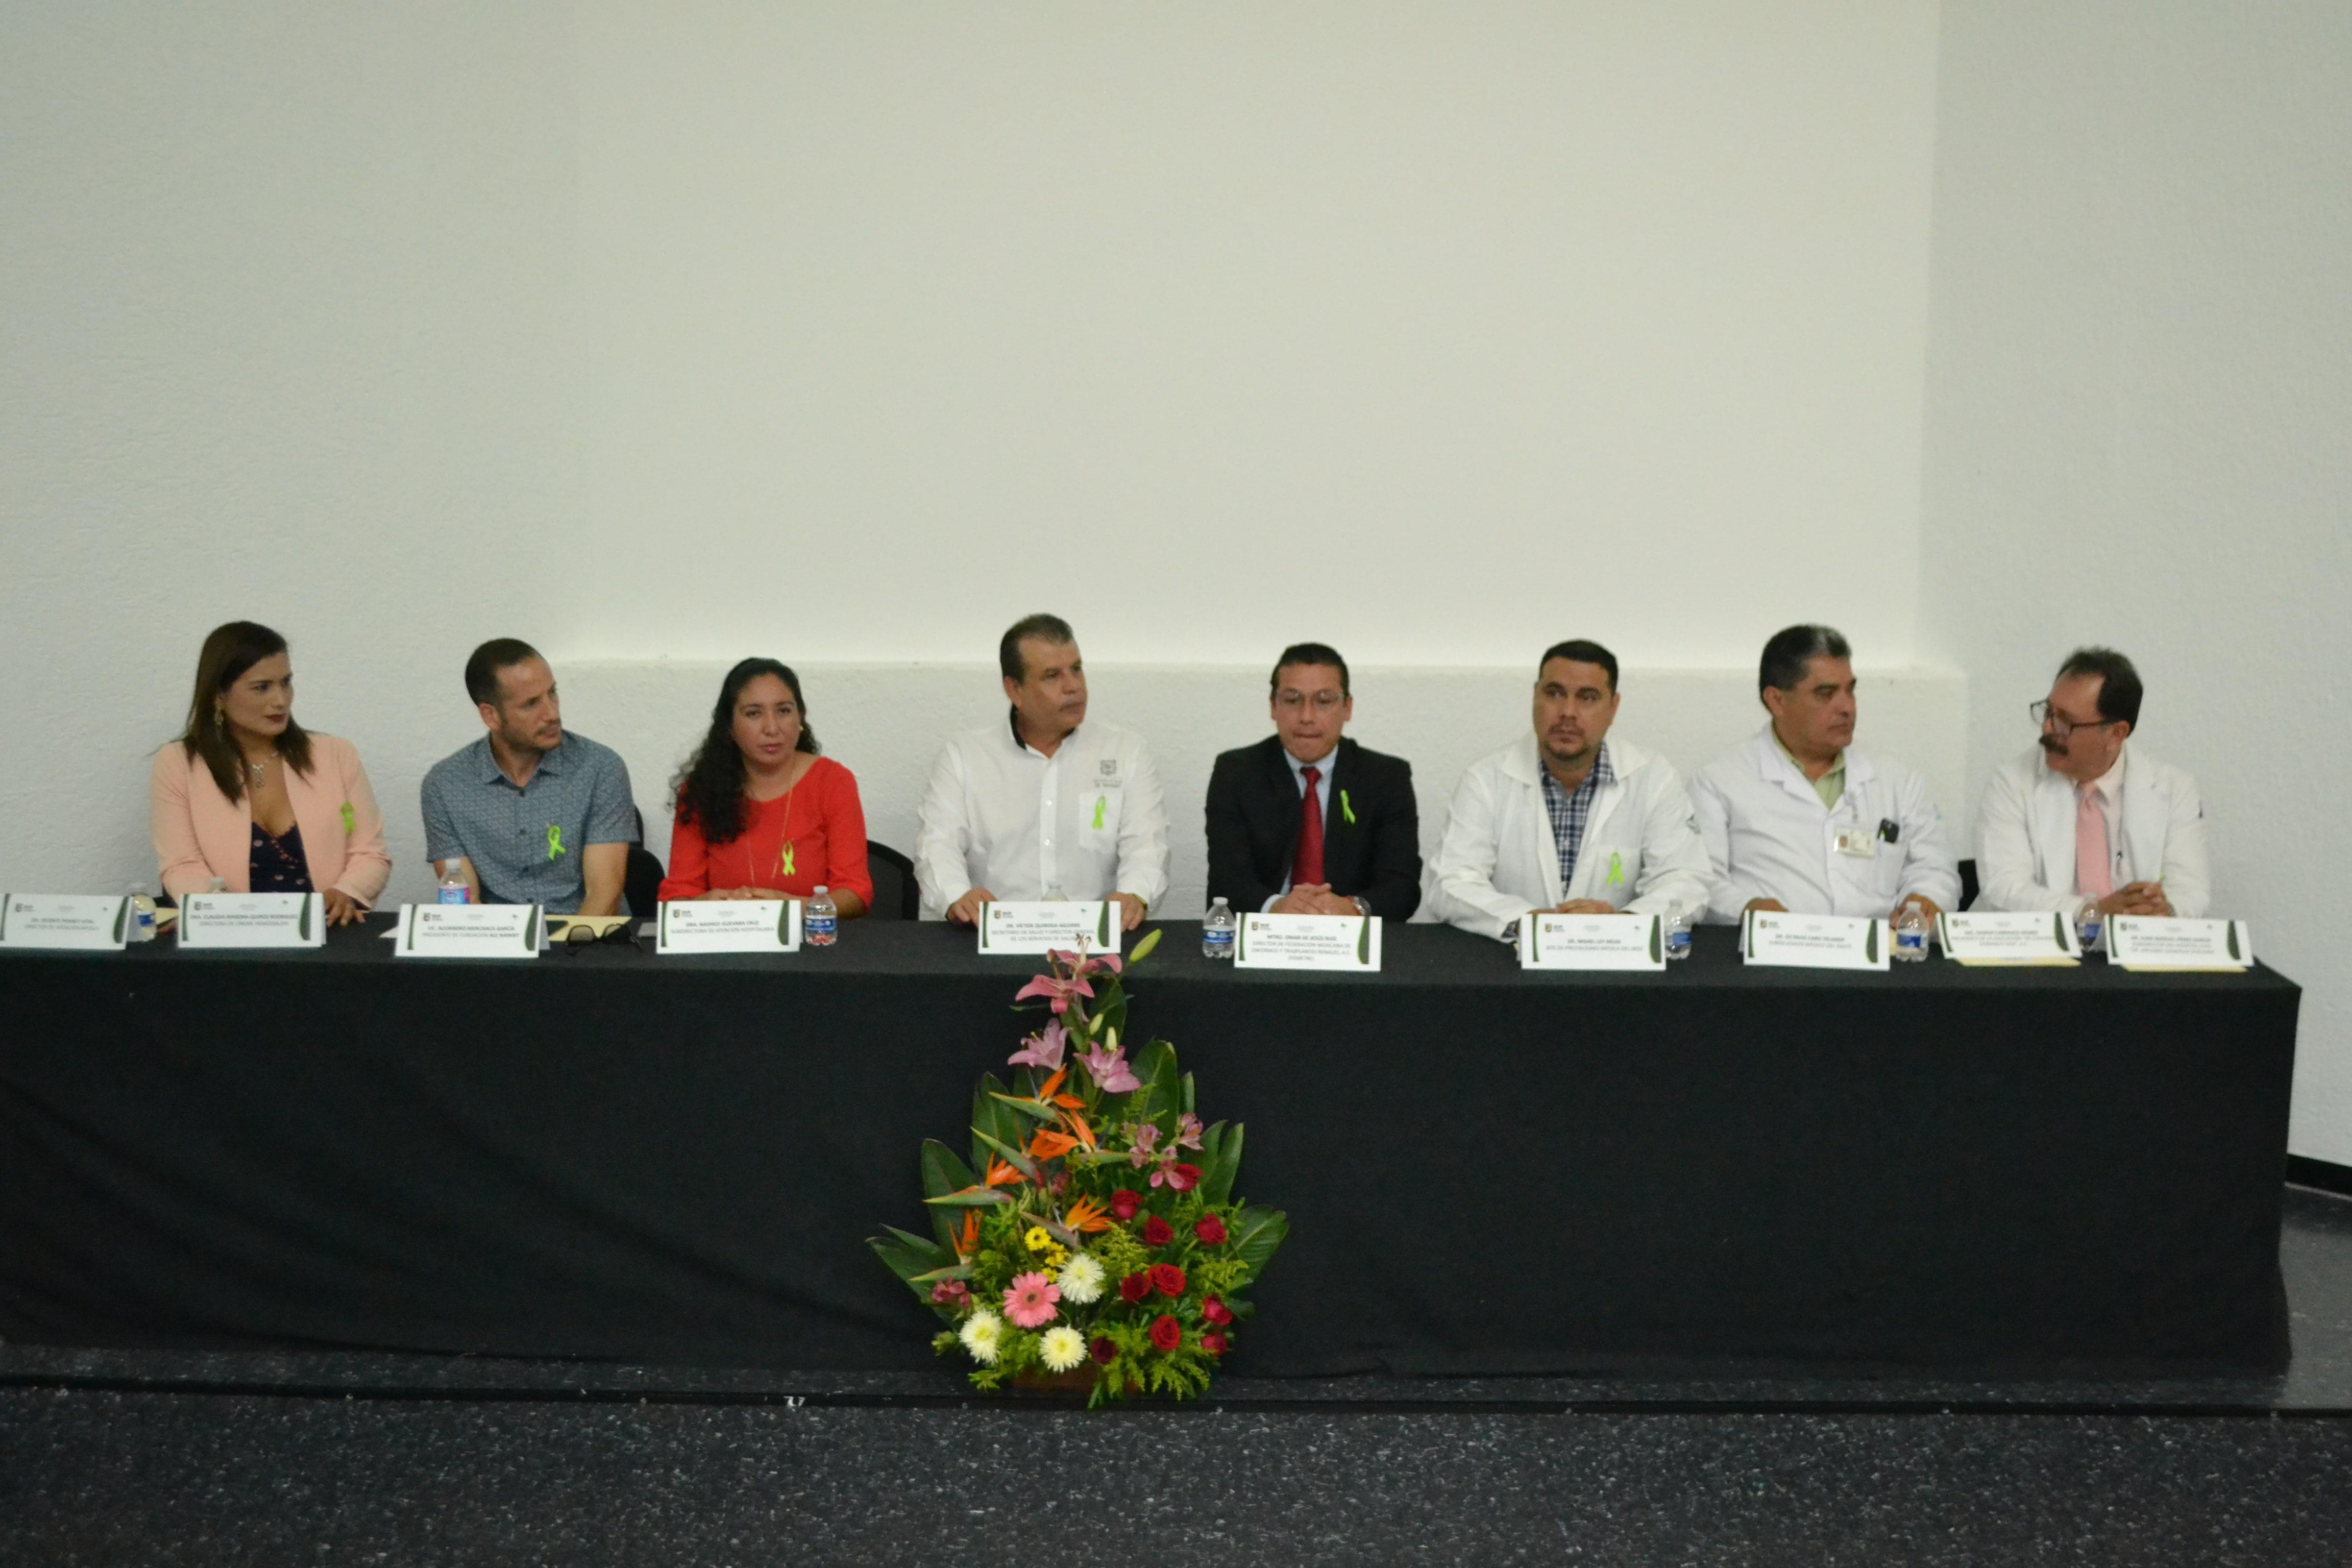 Conmemoración del Día Mundial del Riñón, Tepic, Nayarit, 08 de Marzo